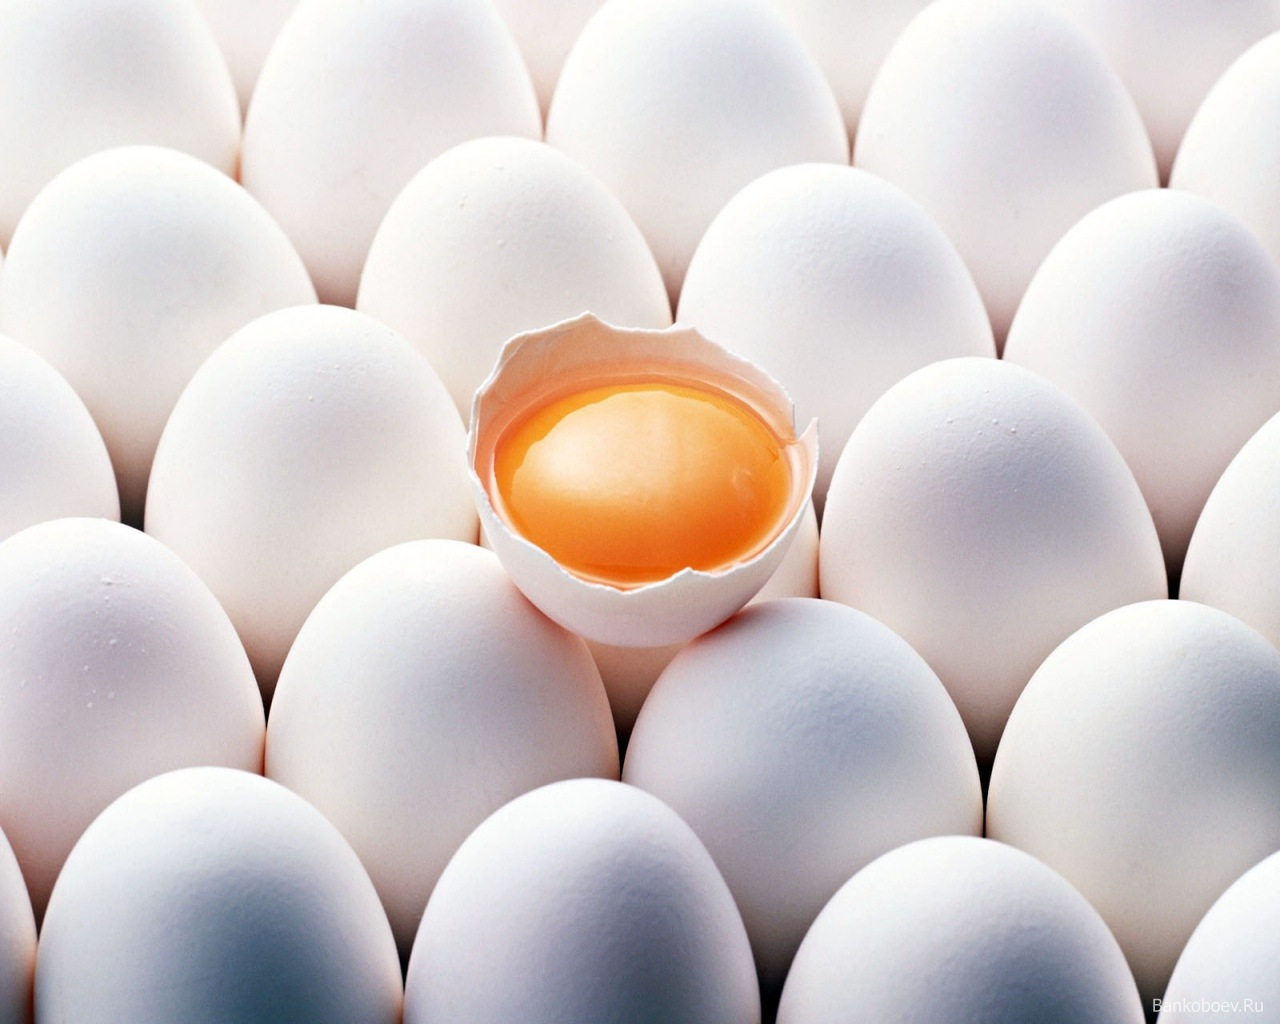 Как варить перепелиное яйцо